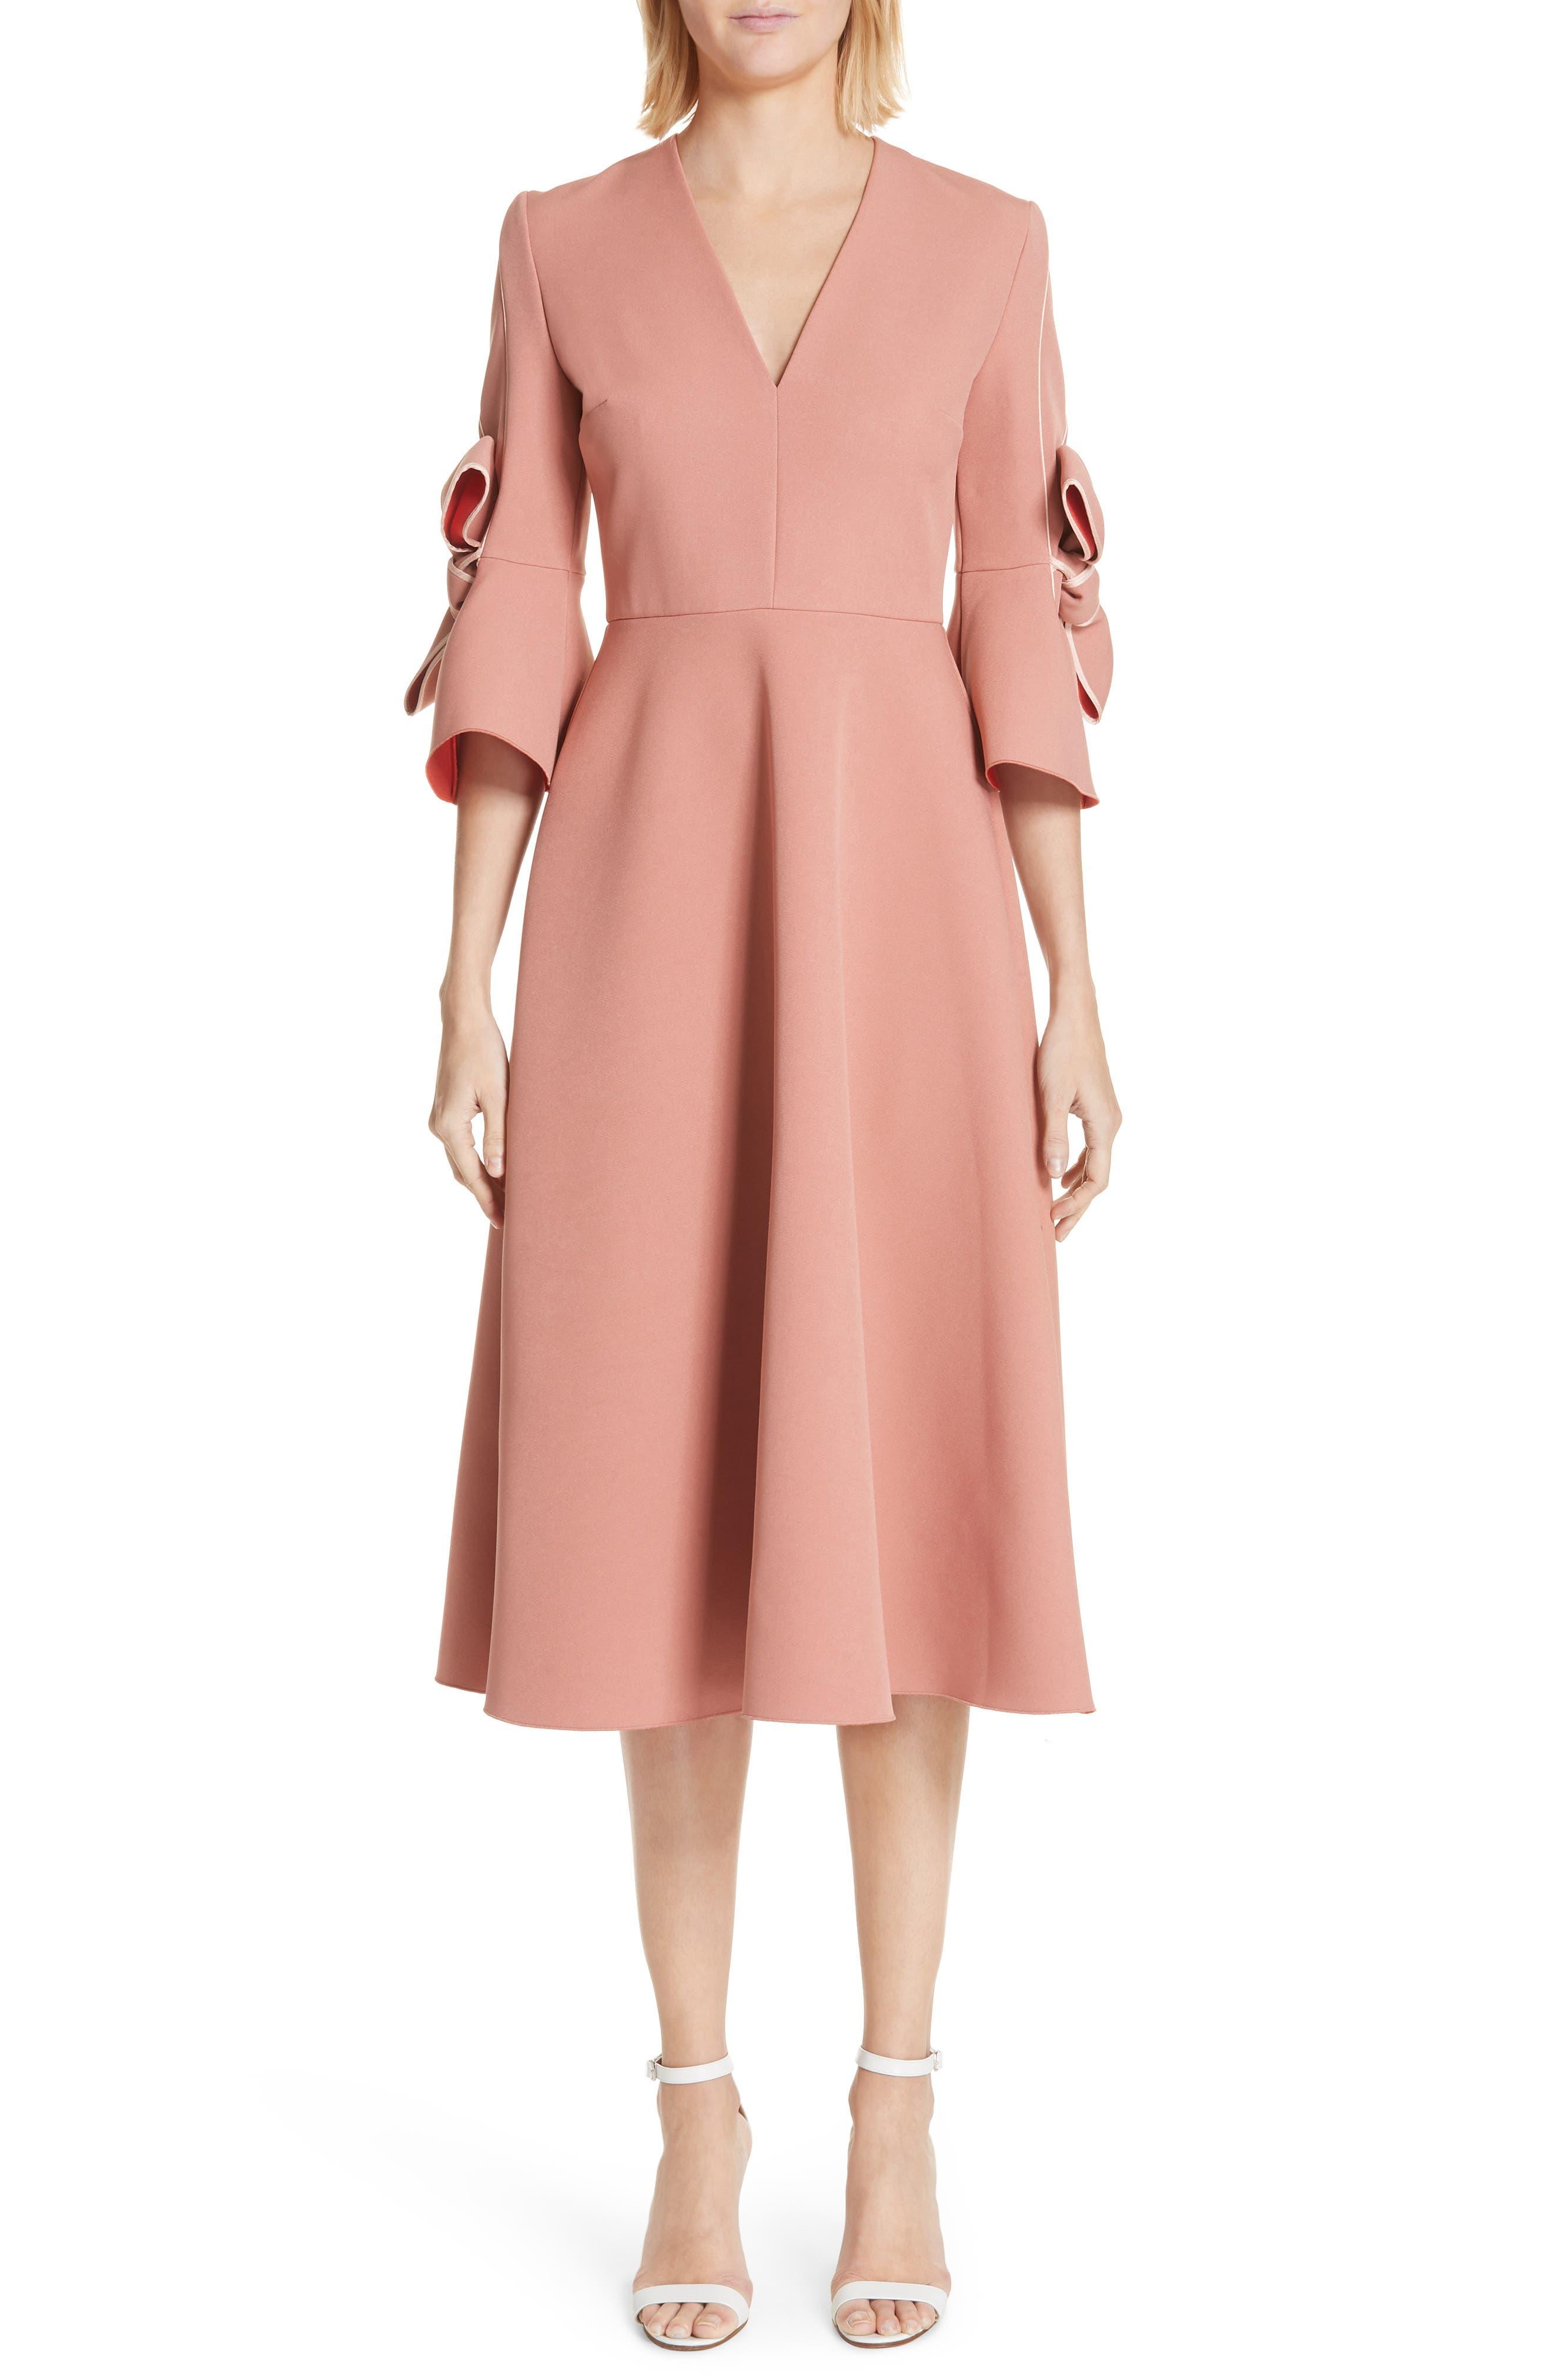 Sibella Bow Trim Dress,                         Main,                         color, 950